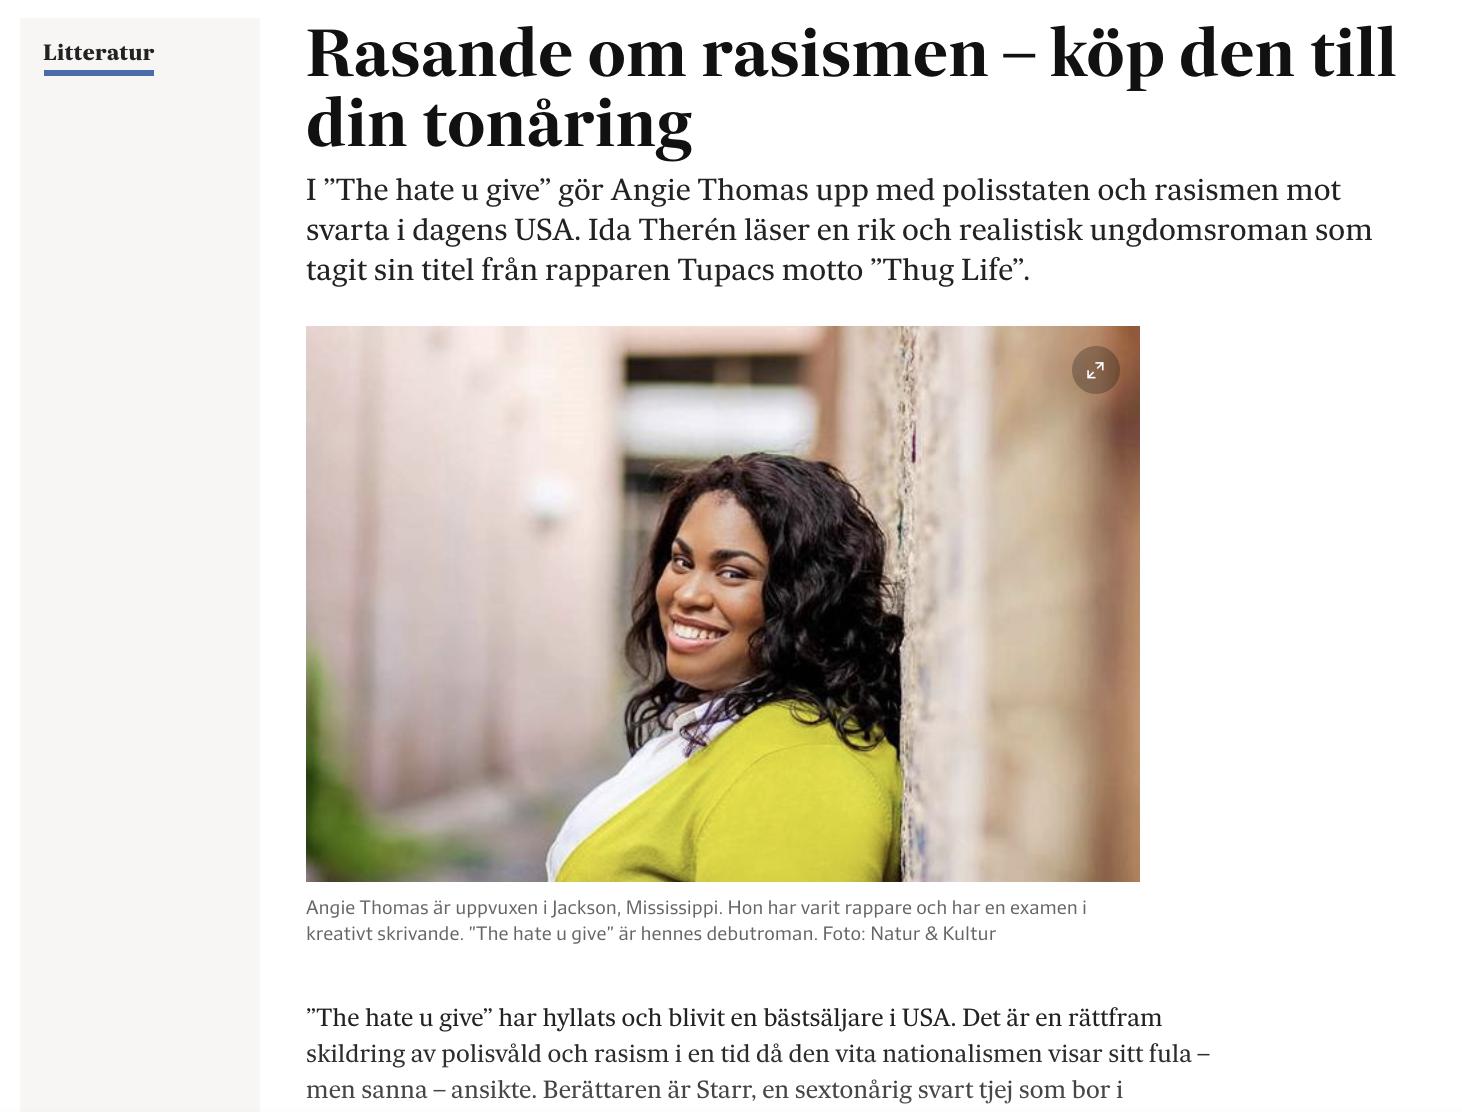 Exempel på  mina recensioner i Svenska Dagbladet . Kika gärna runt där och här på  min hemsida  för att läsa fler texter och få en känsla för min smak och syn på litteratur.